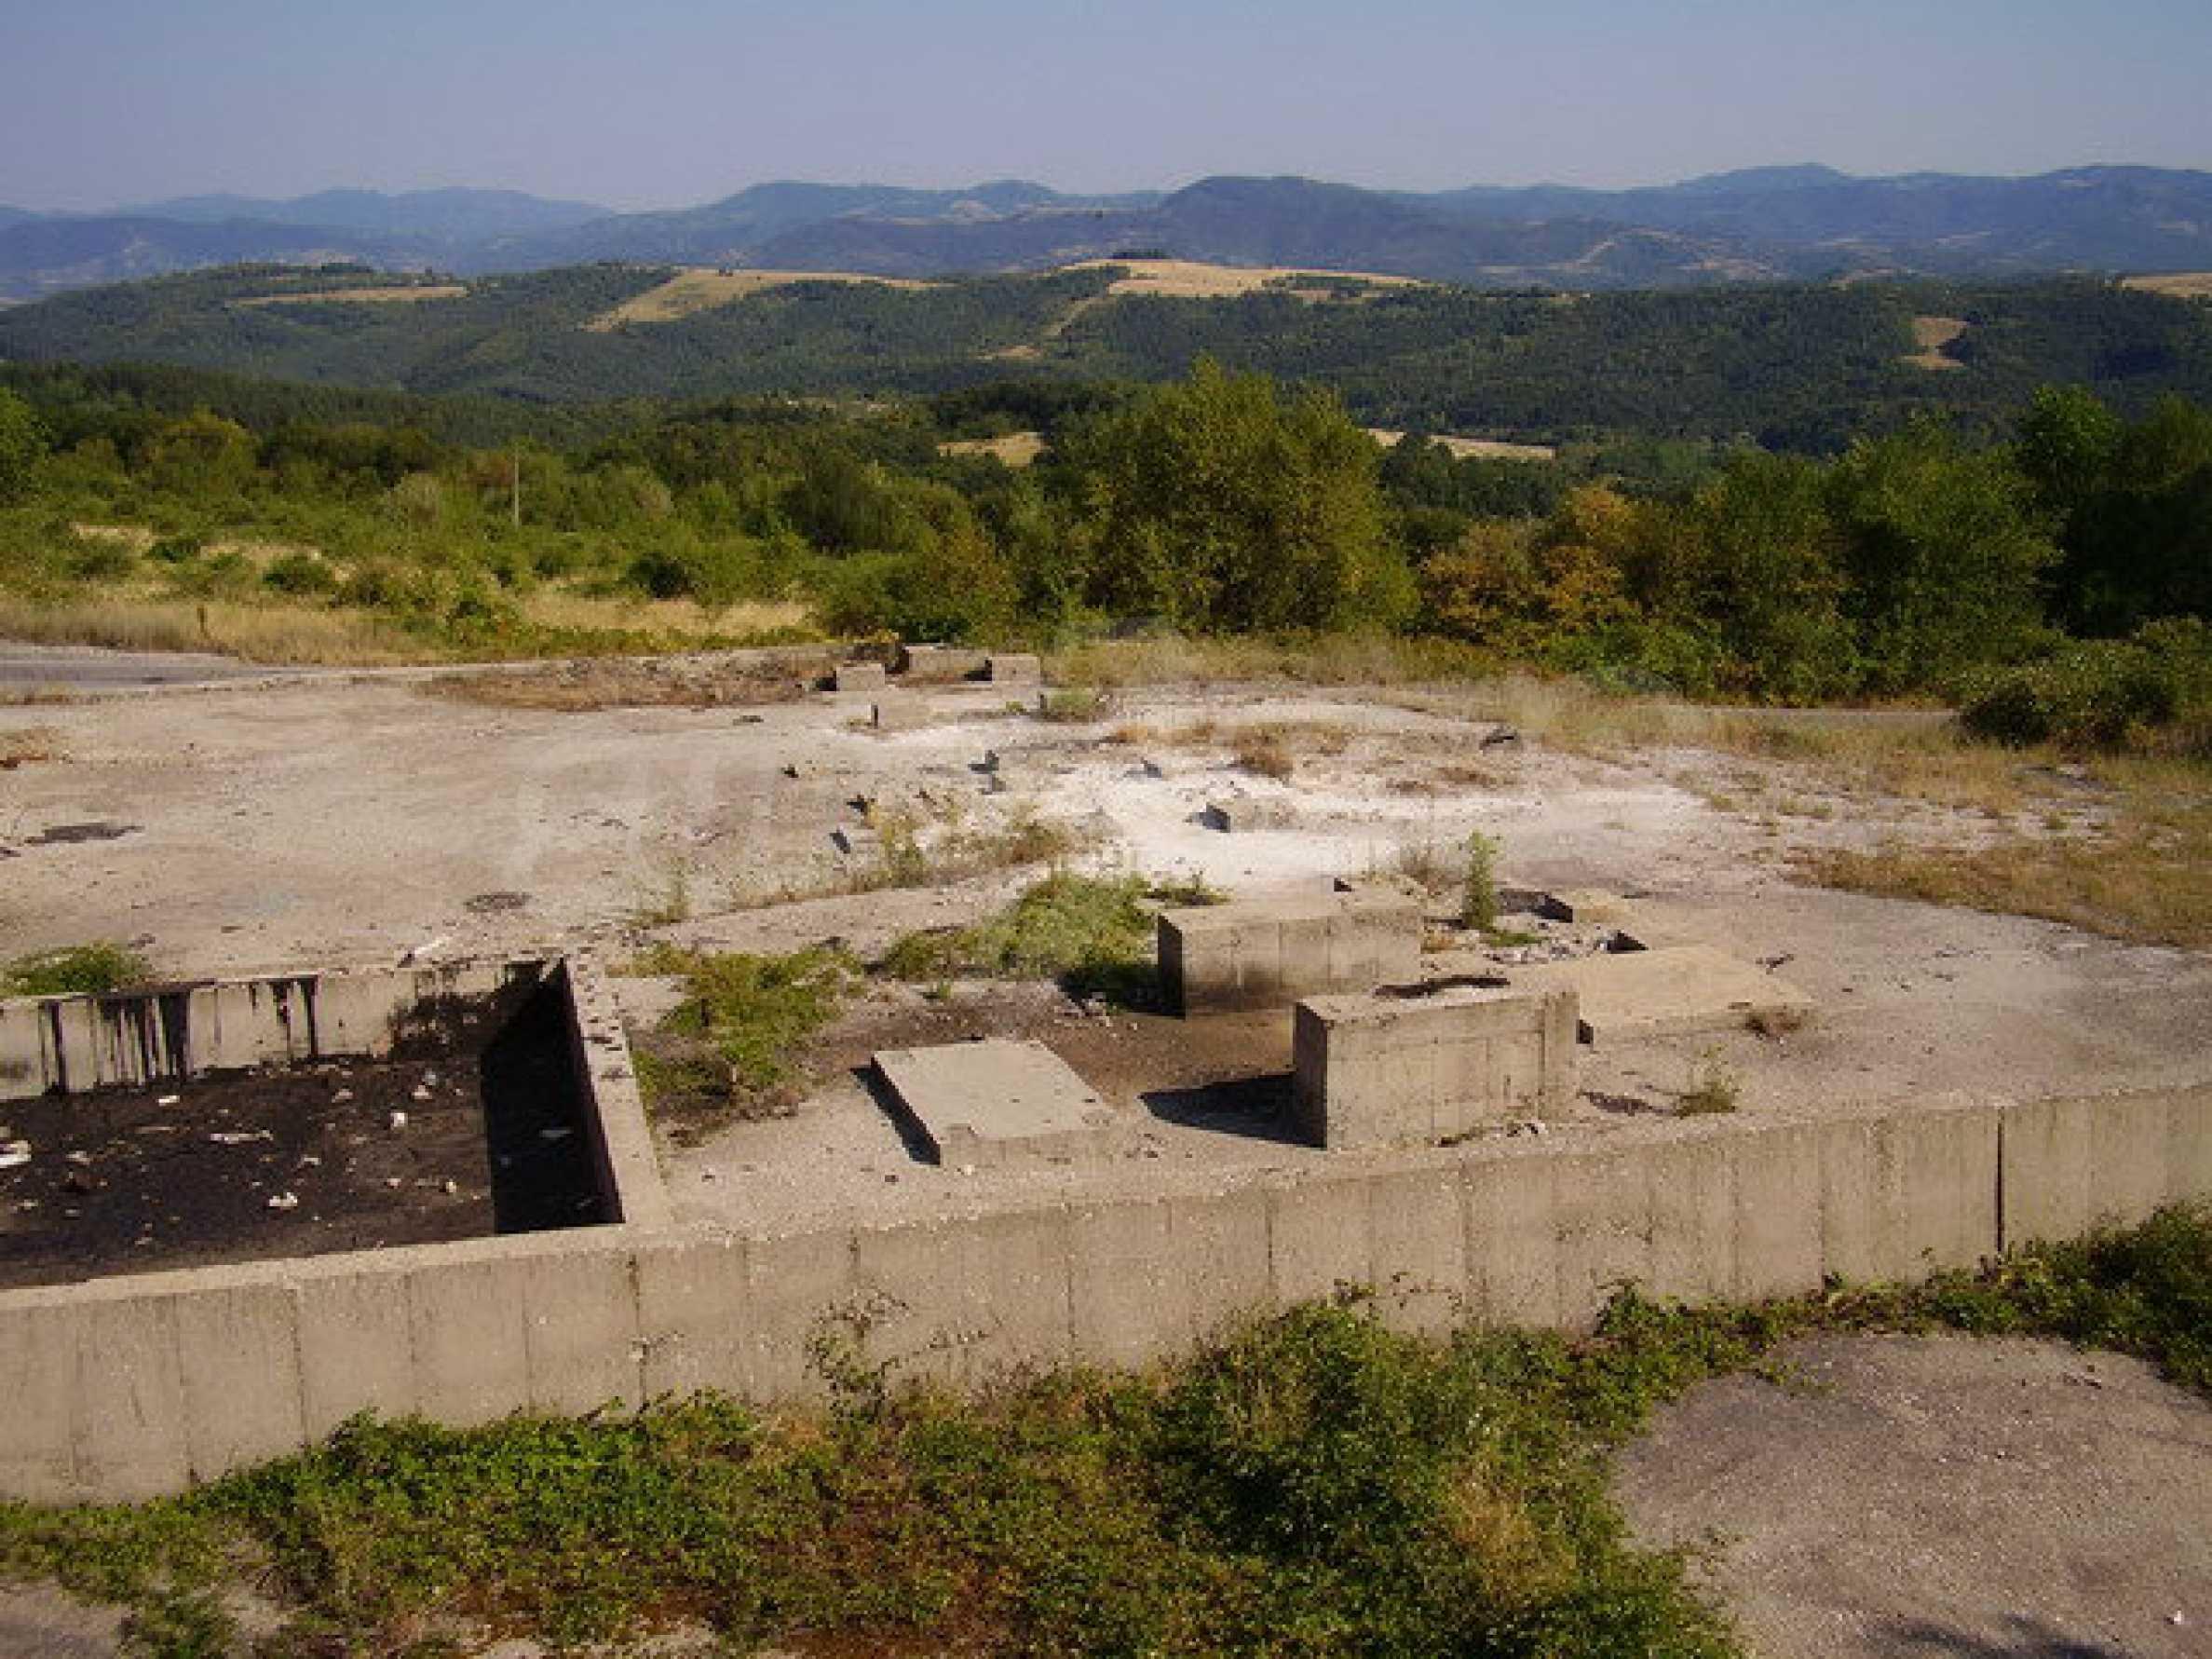 Земельный участок с прекрасным видом, пригодный для дачного поселка, вблизи города Трявна 5